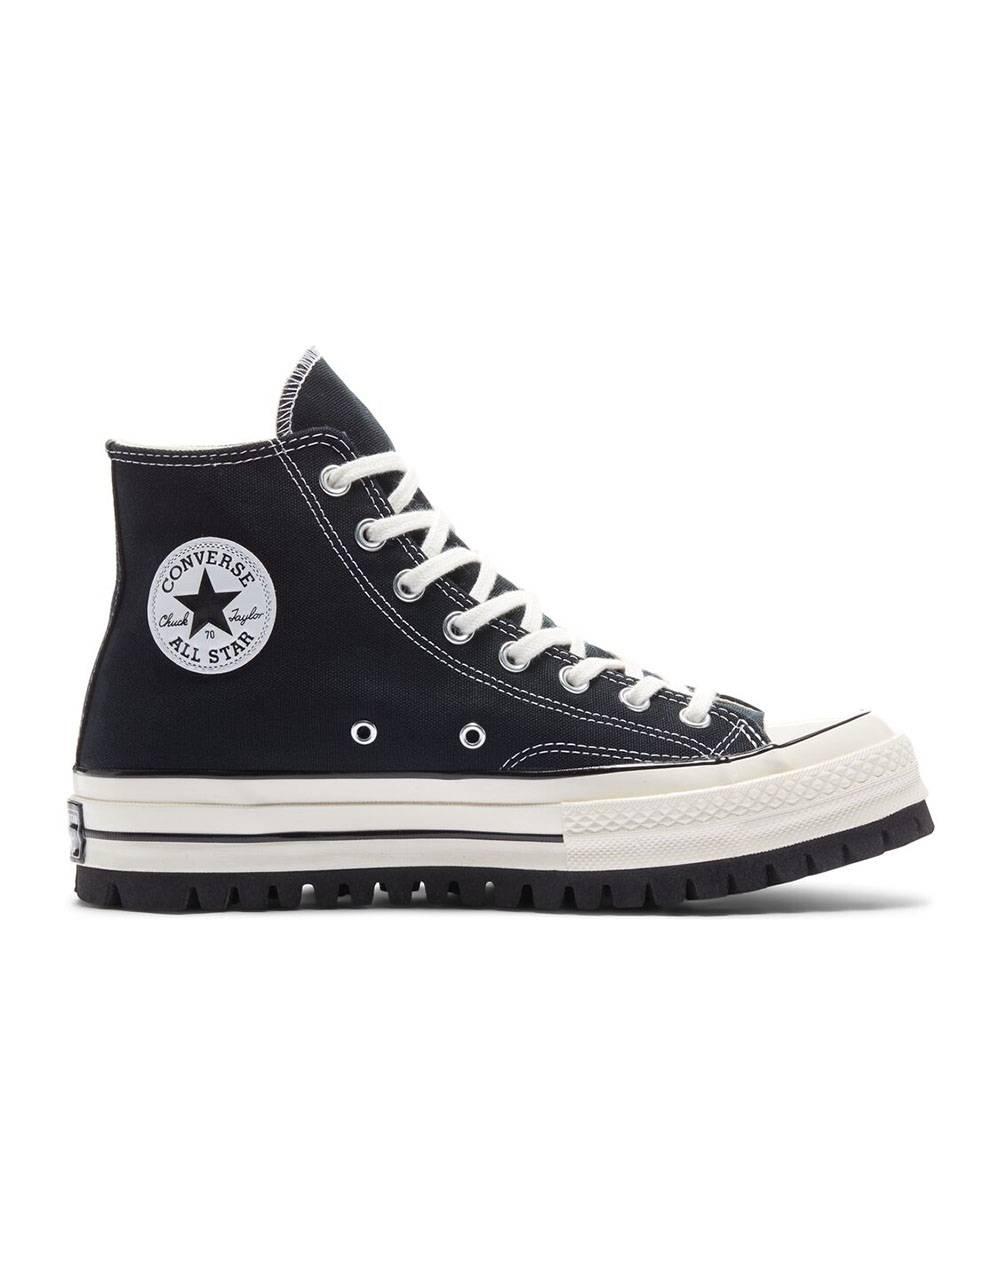 Converse Trek Chuck 70 High Top - blacktrek vintage Converse Sneakers 118,85€